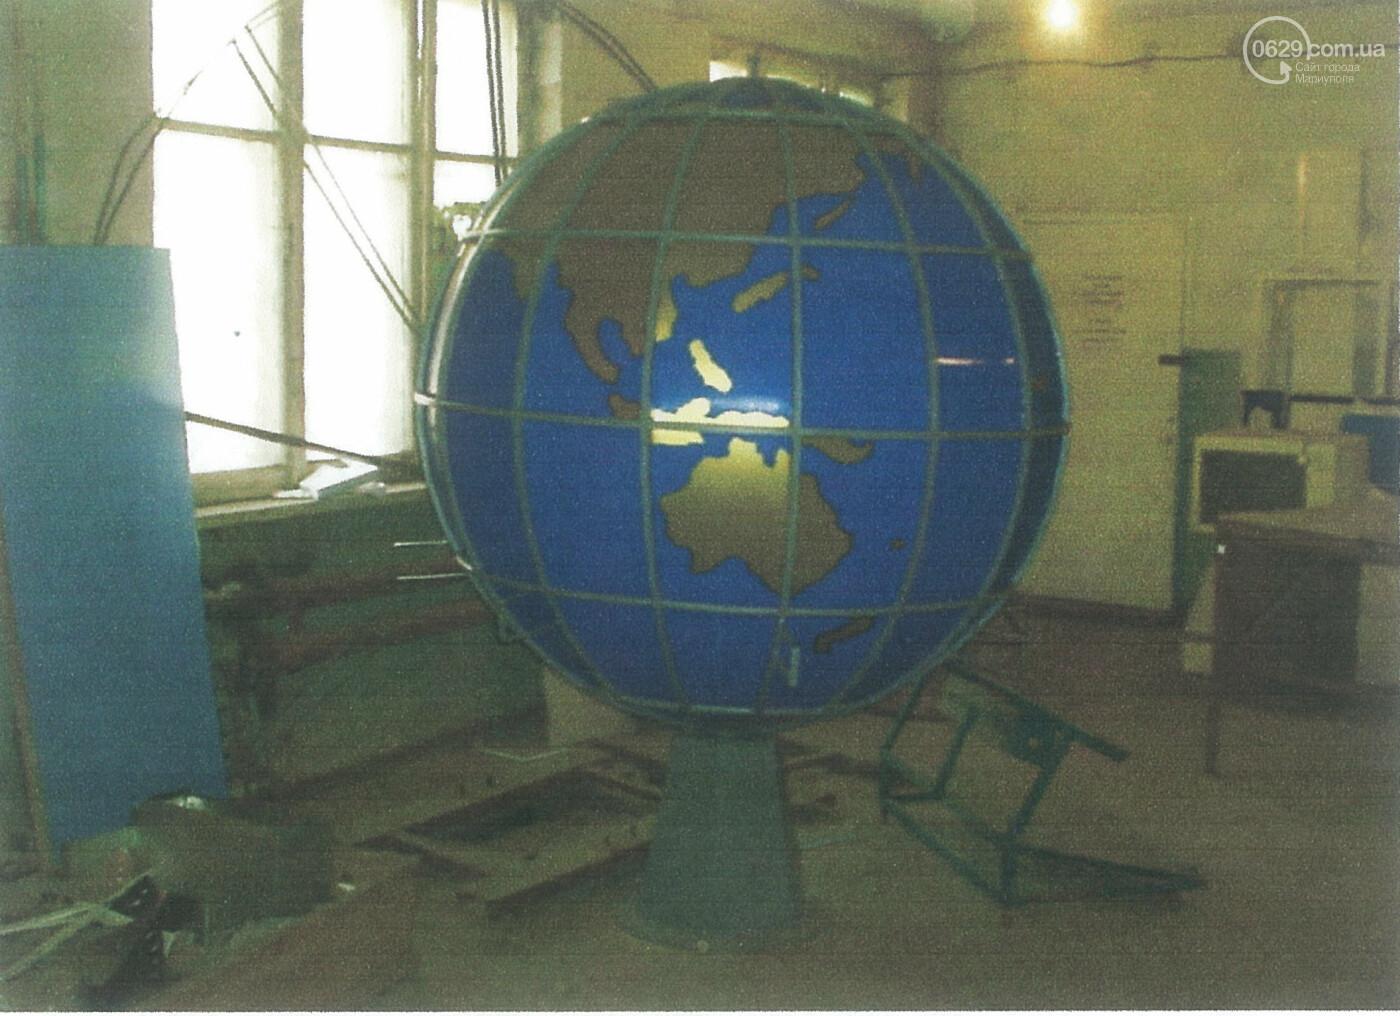 Изготовить или разориться. Как на Левобережье появился уникальный глобус с рельсом, - ФОТО , фото-4